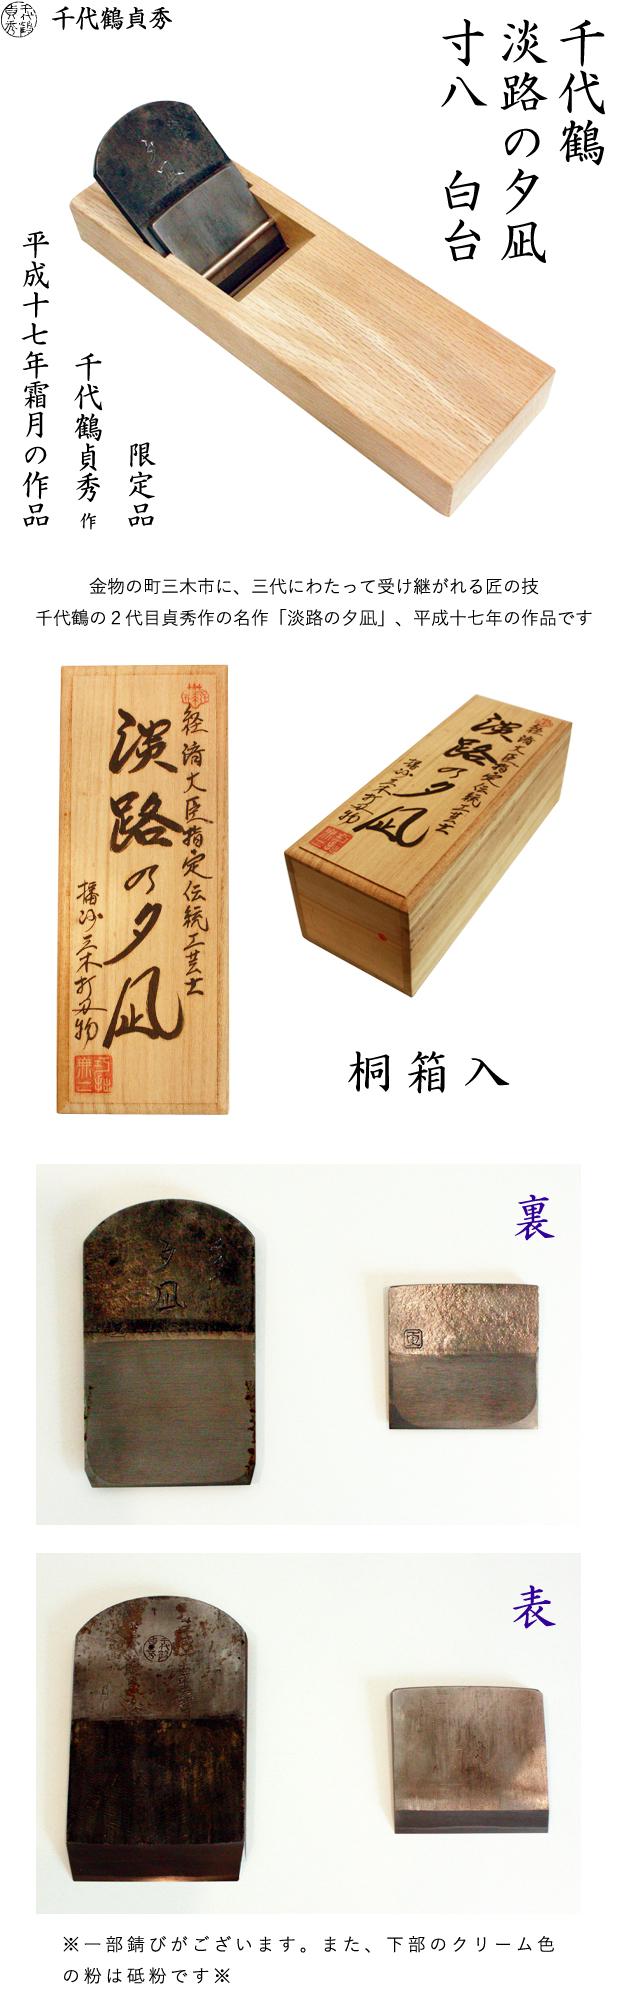 千代鶴貞秀 「淡路の夕凪」寸八 白台 桐箱入